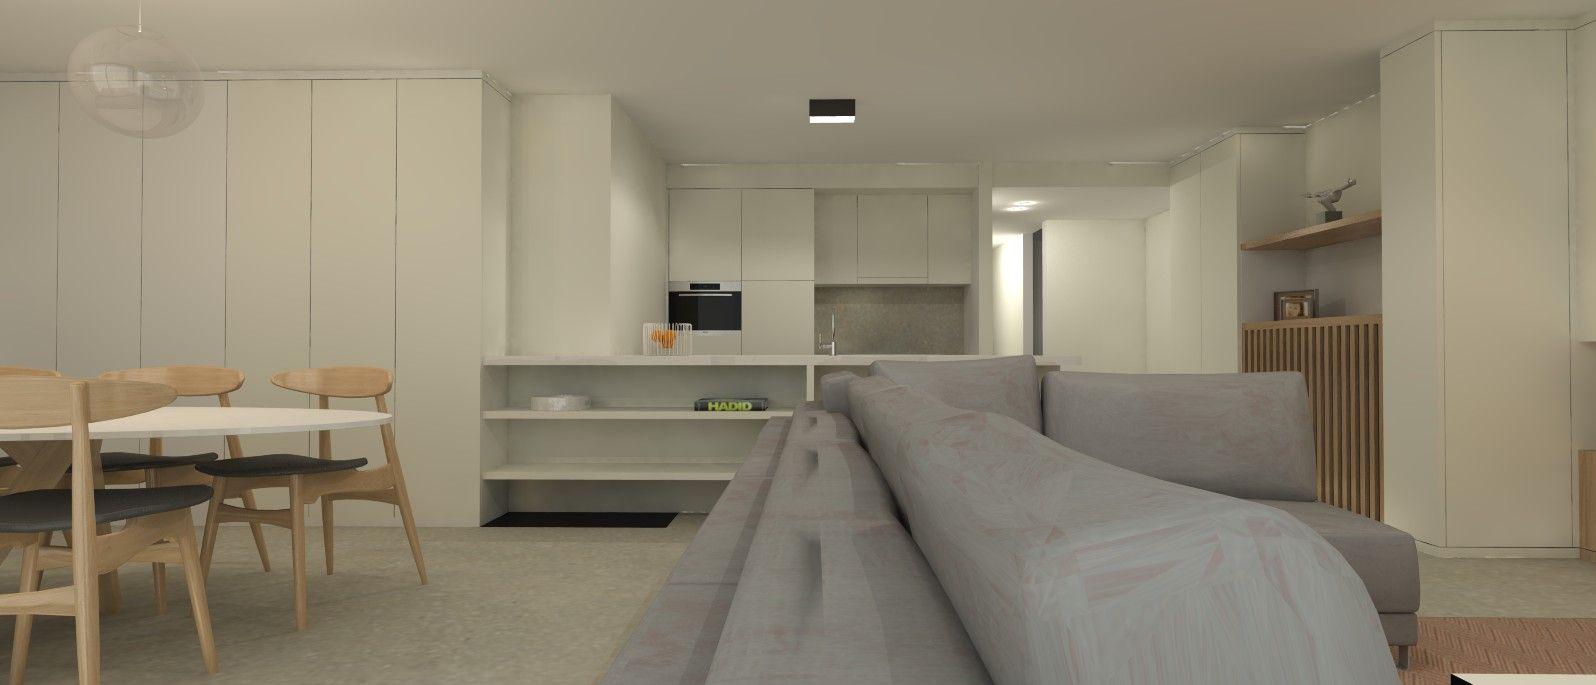 tijdloze keuken appartement aan zee interieurarchitect